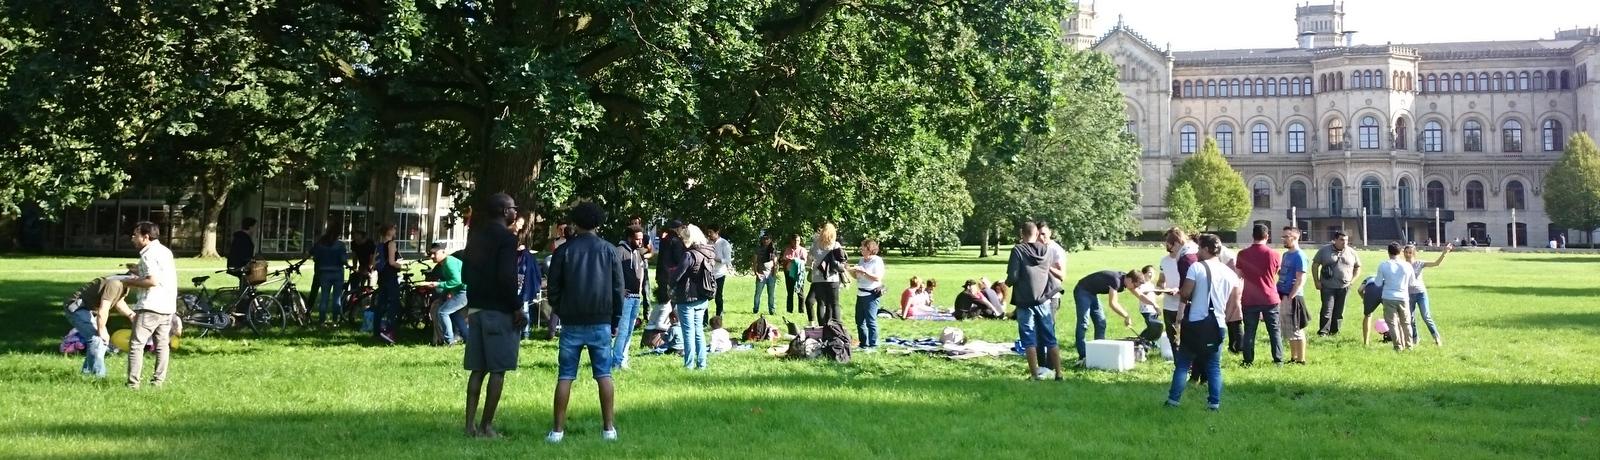 Picknick im Welfengarten